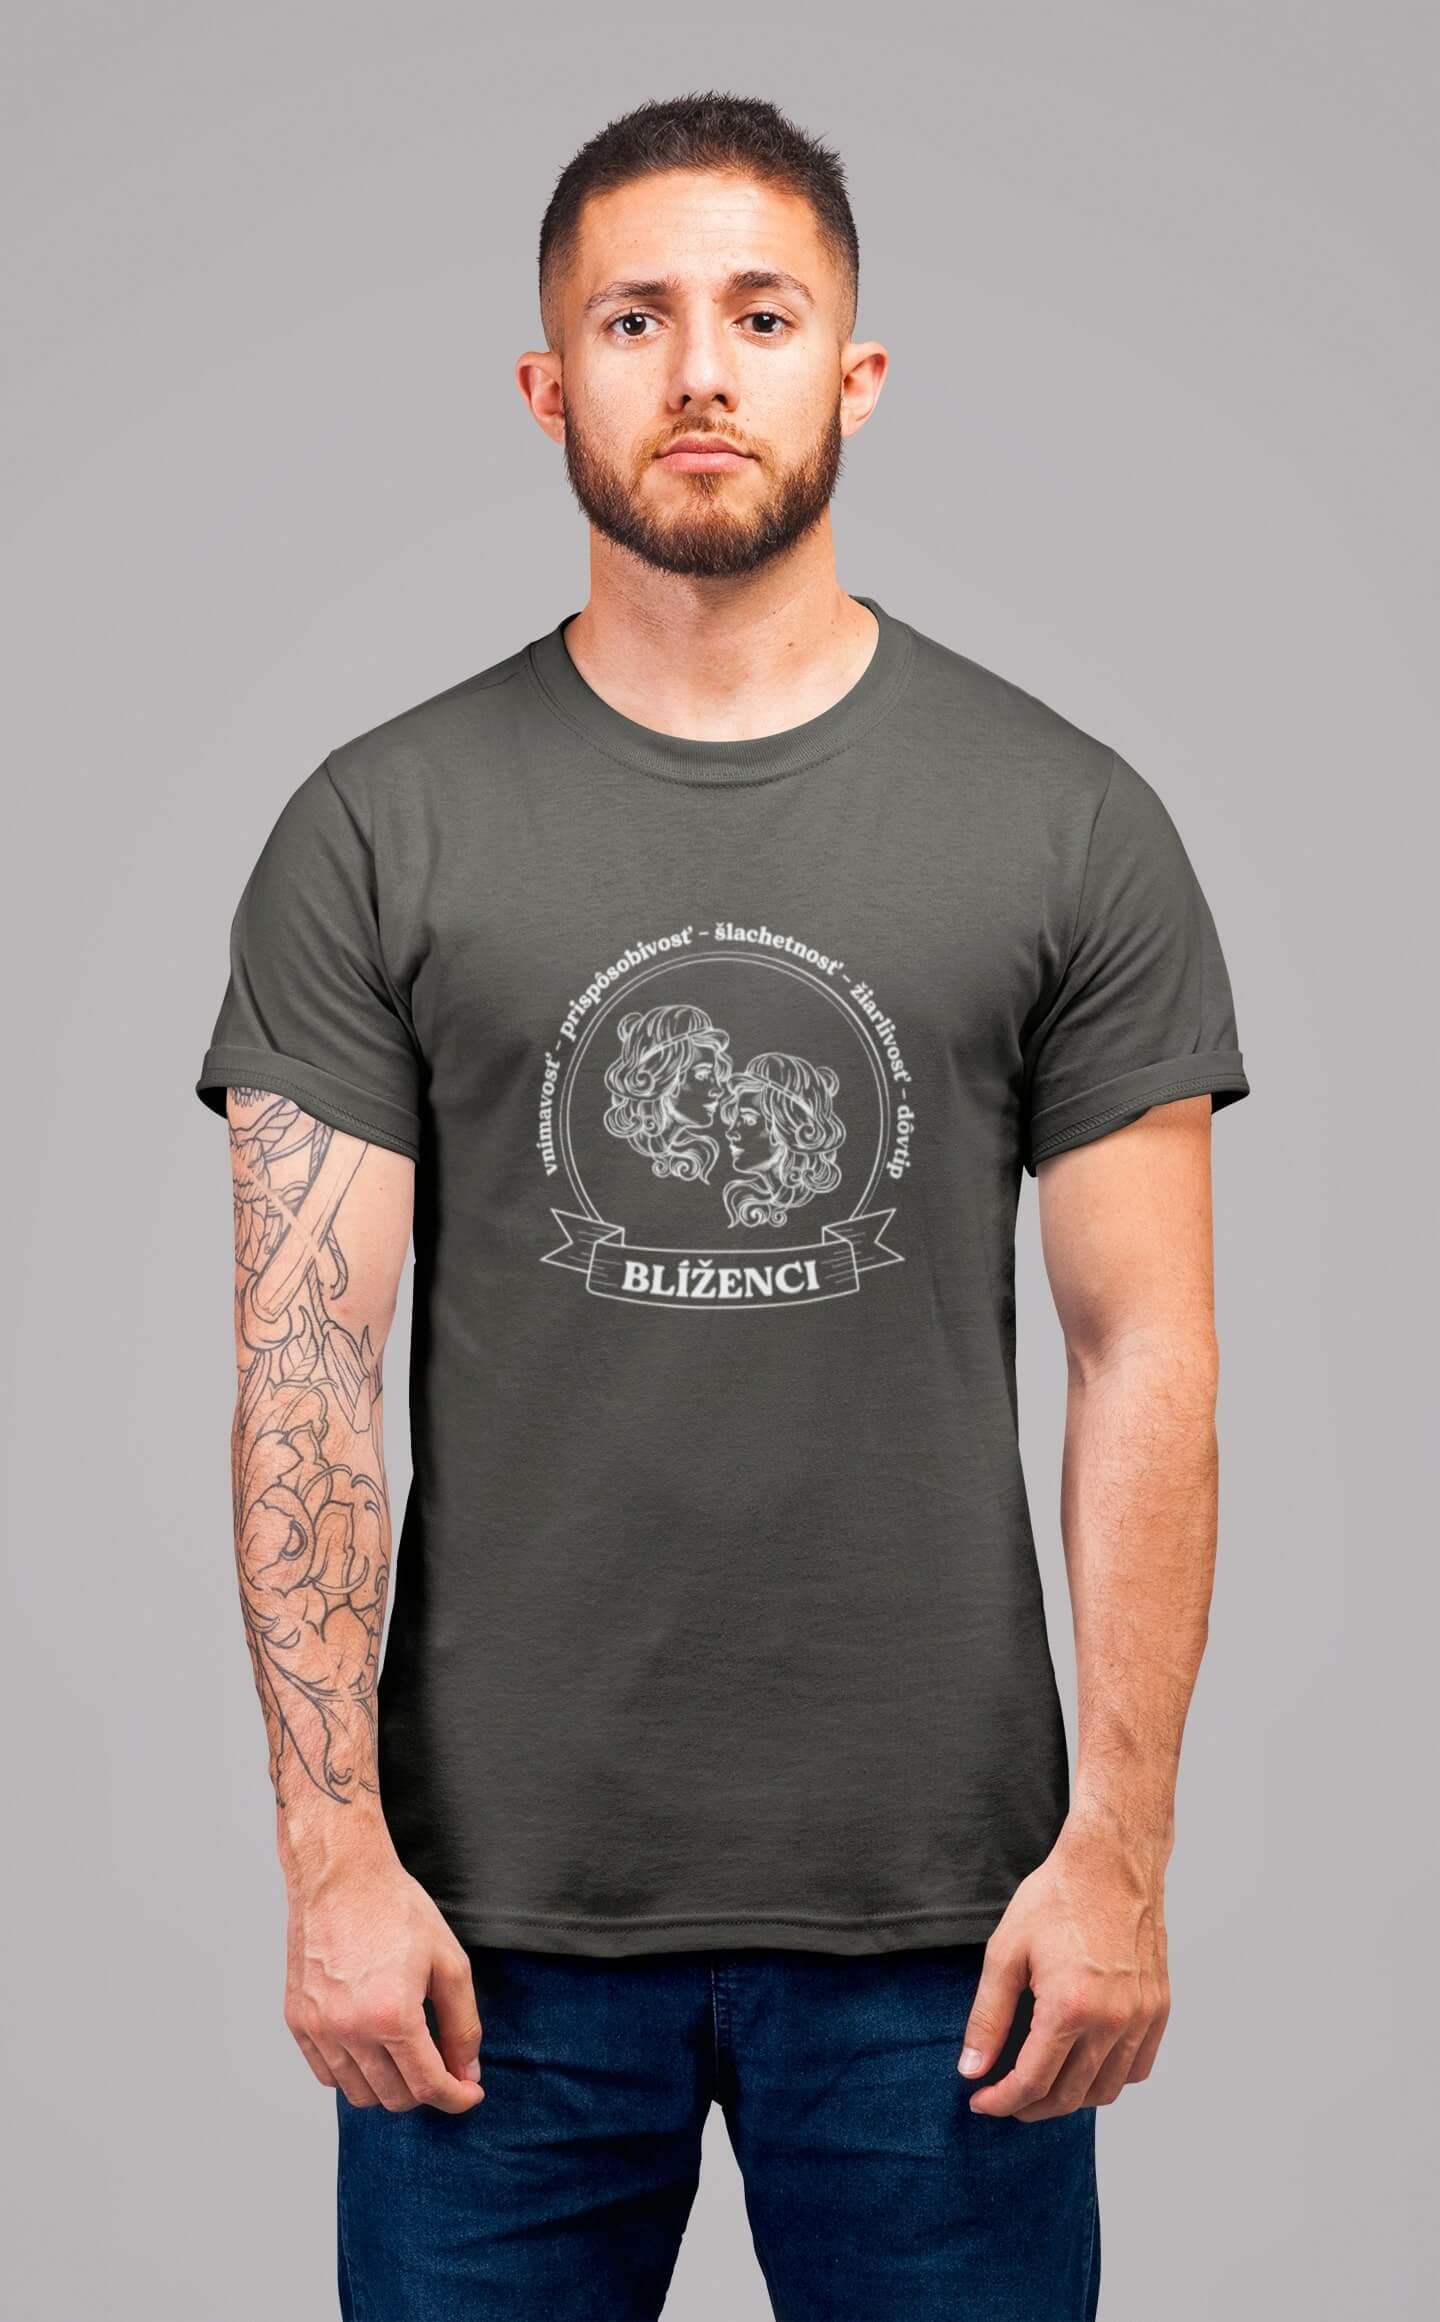 MMO Pánske tričko Blíženci Vyberte farbu: Tmavá bridlica, Vyberte veľkosť: XL